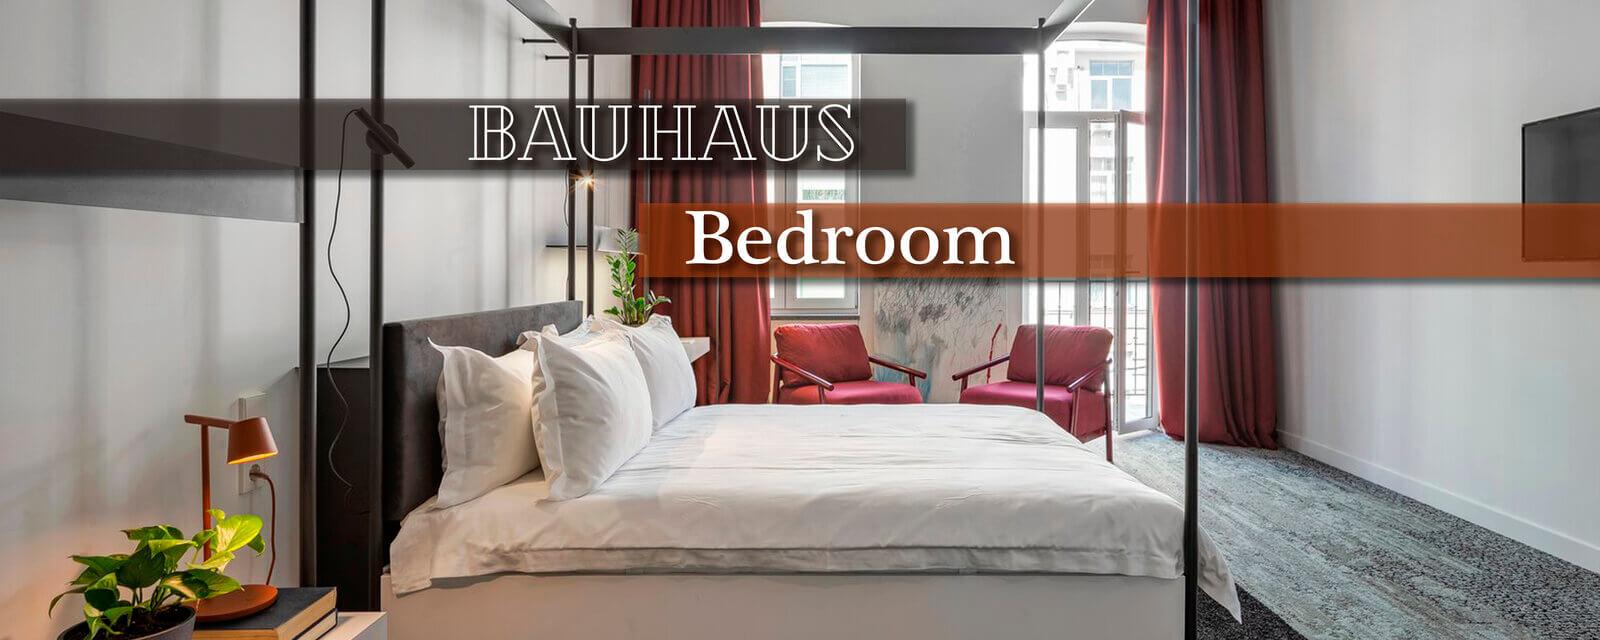 Bauhaus | Bedroom